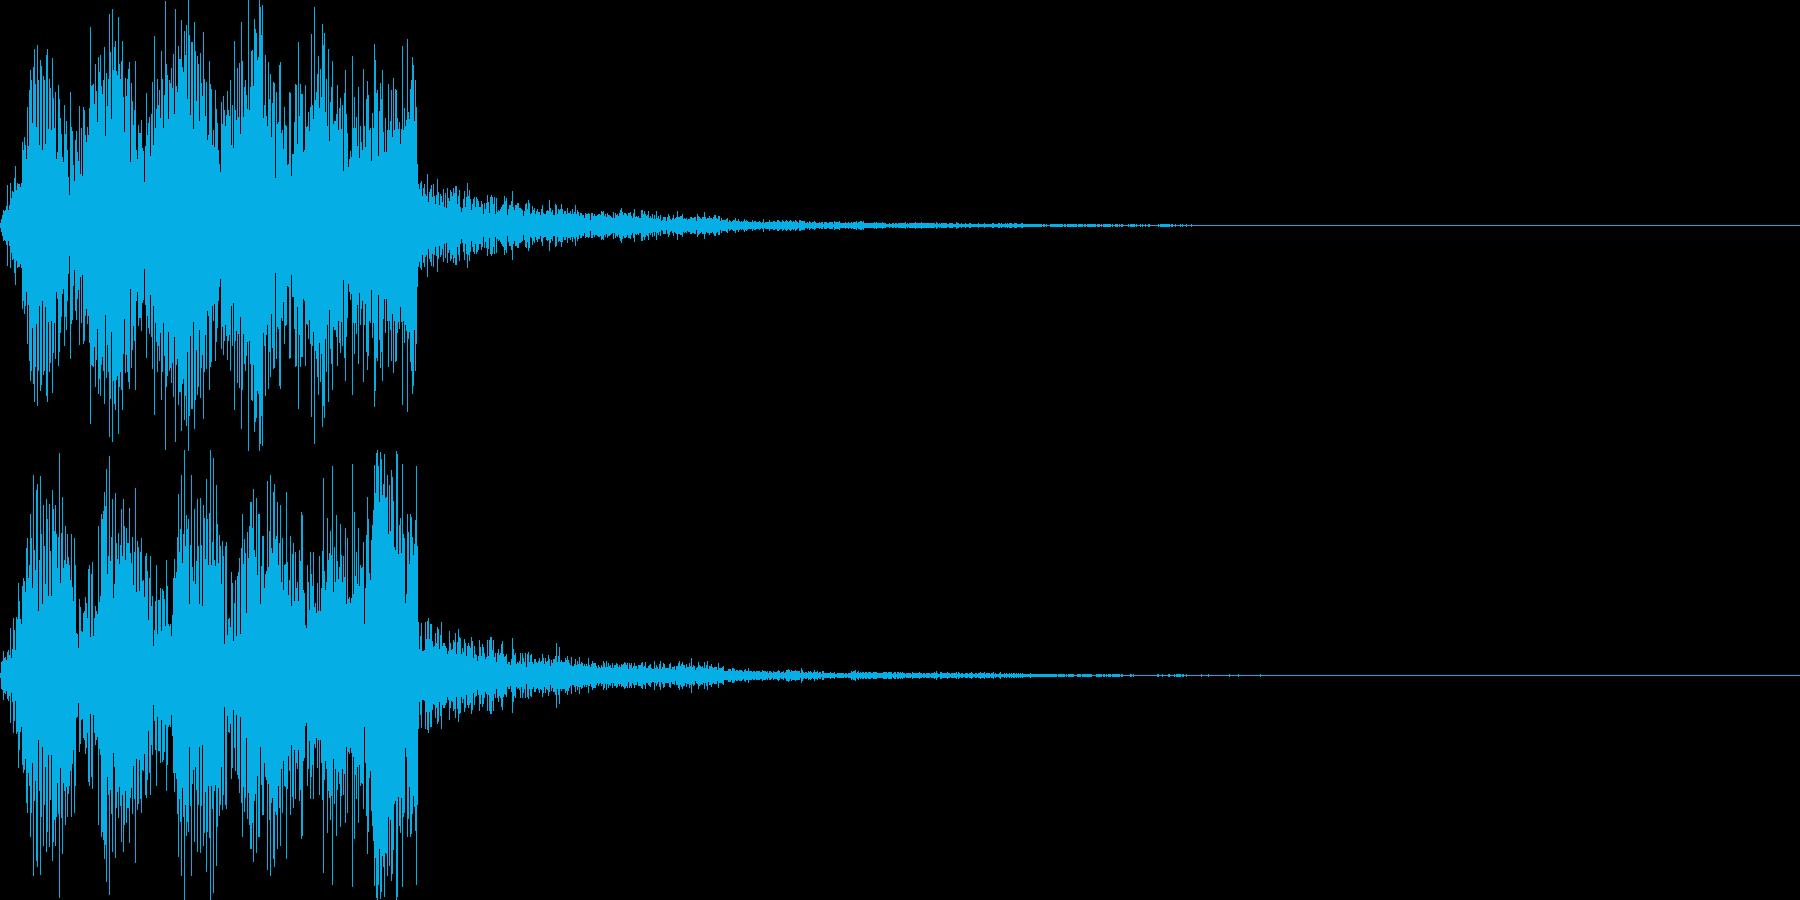 アイテム獲得・ポーズ・セレクトSEの再生済みの波形